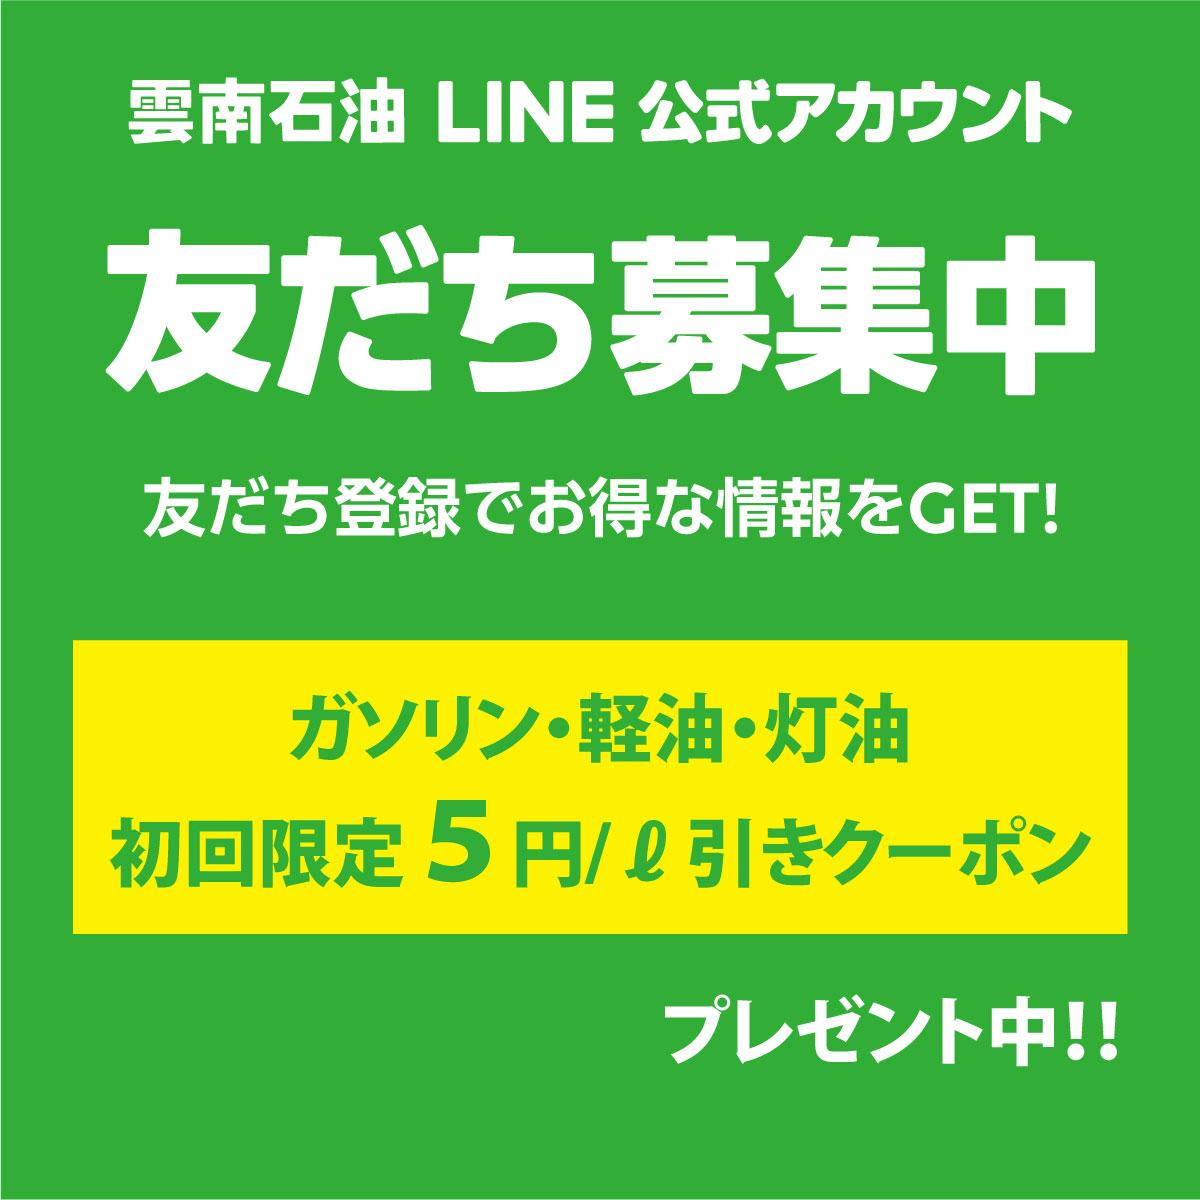 雲南石油LINE公式アカウント